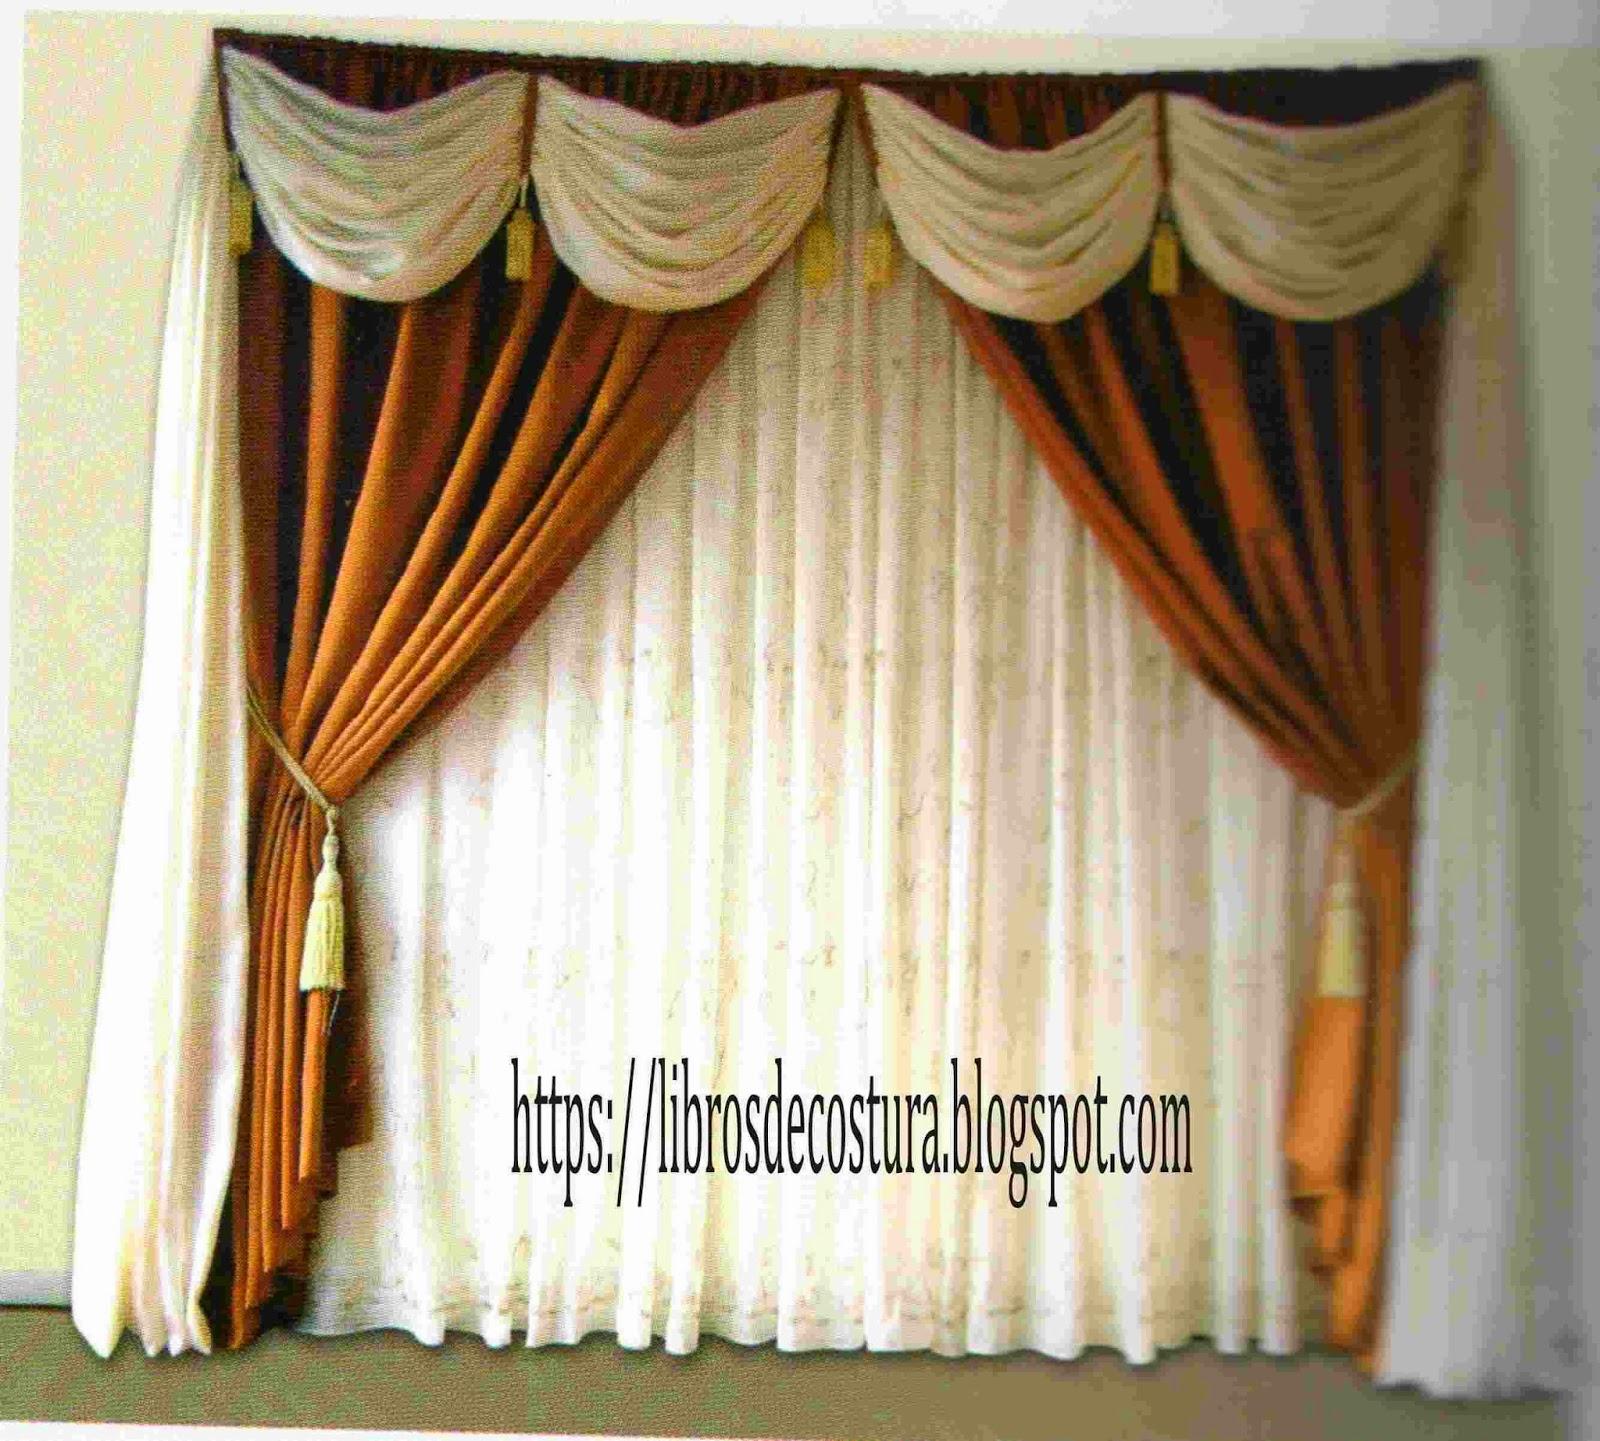 Libros de costura como hacer cortinas paso a paso for Modelos de cortinas modernas para sala y comedor